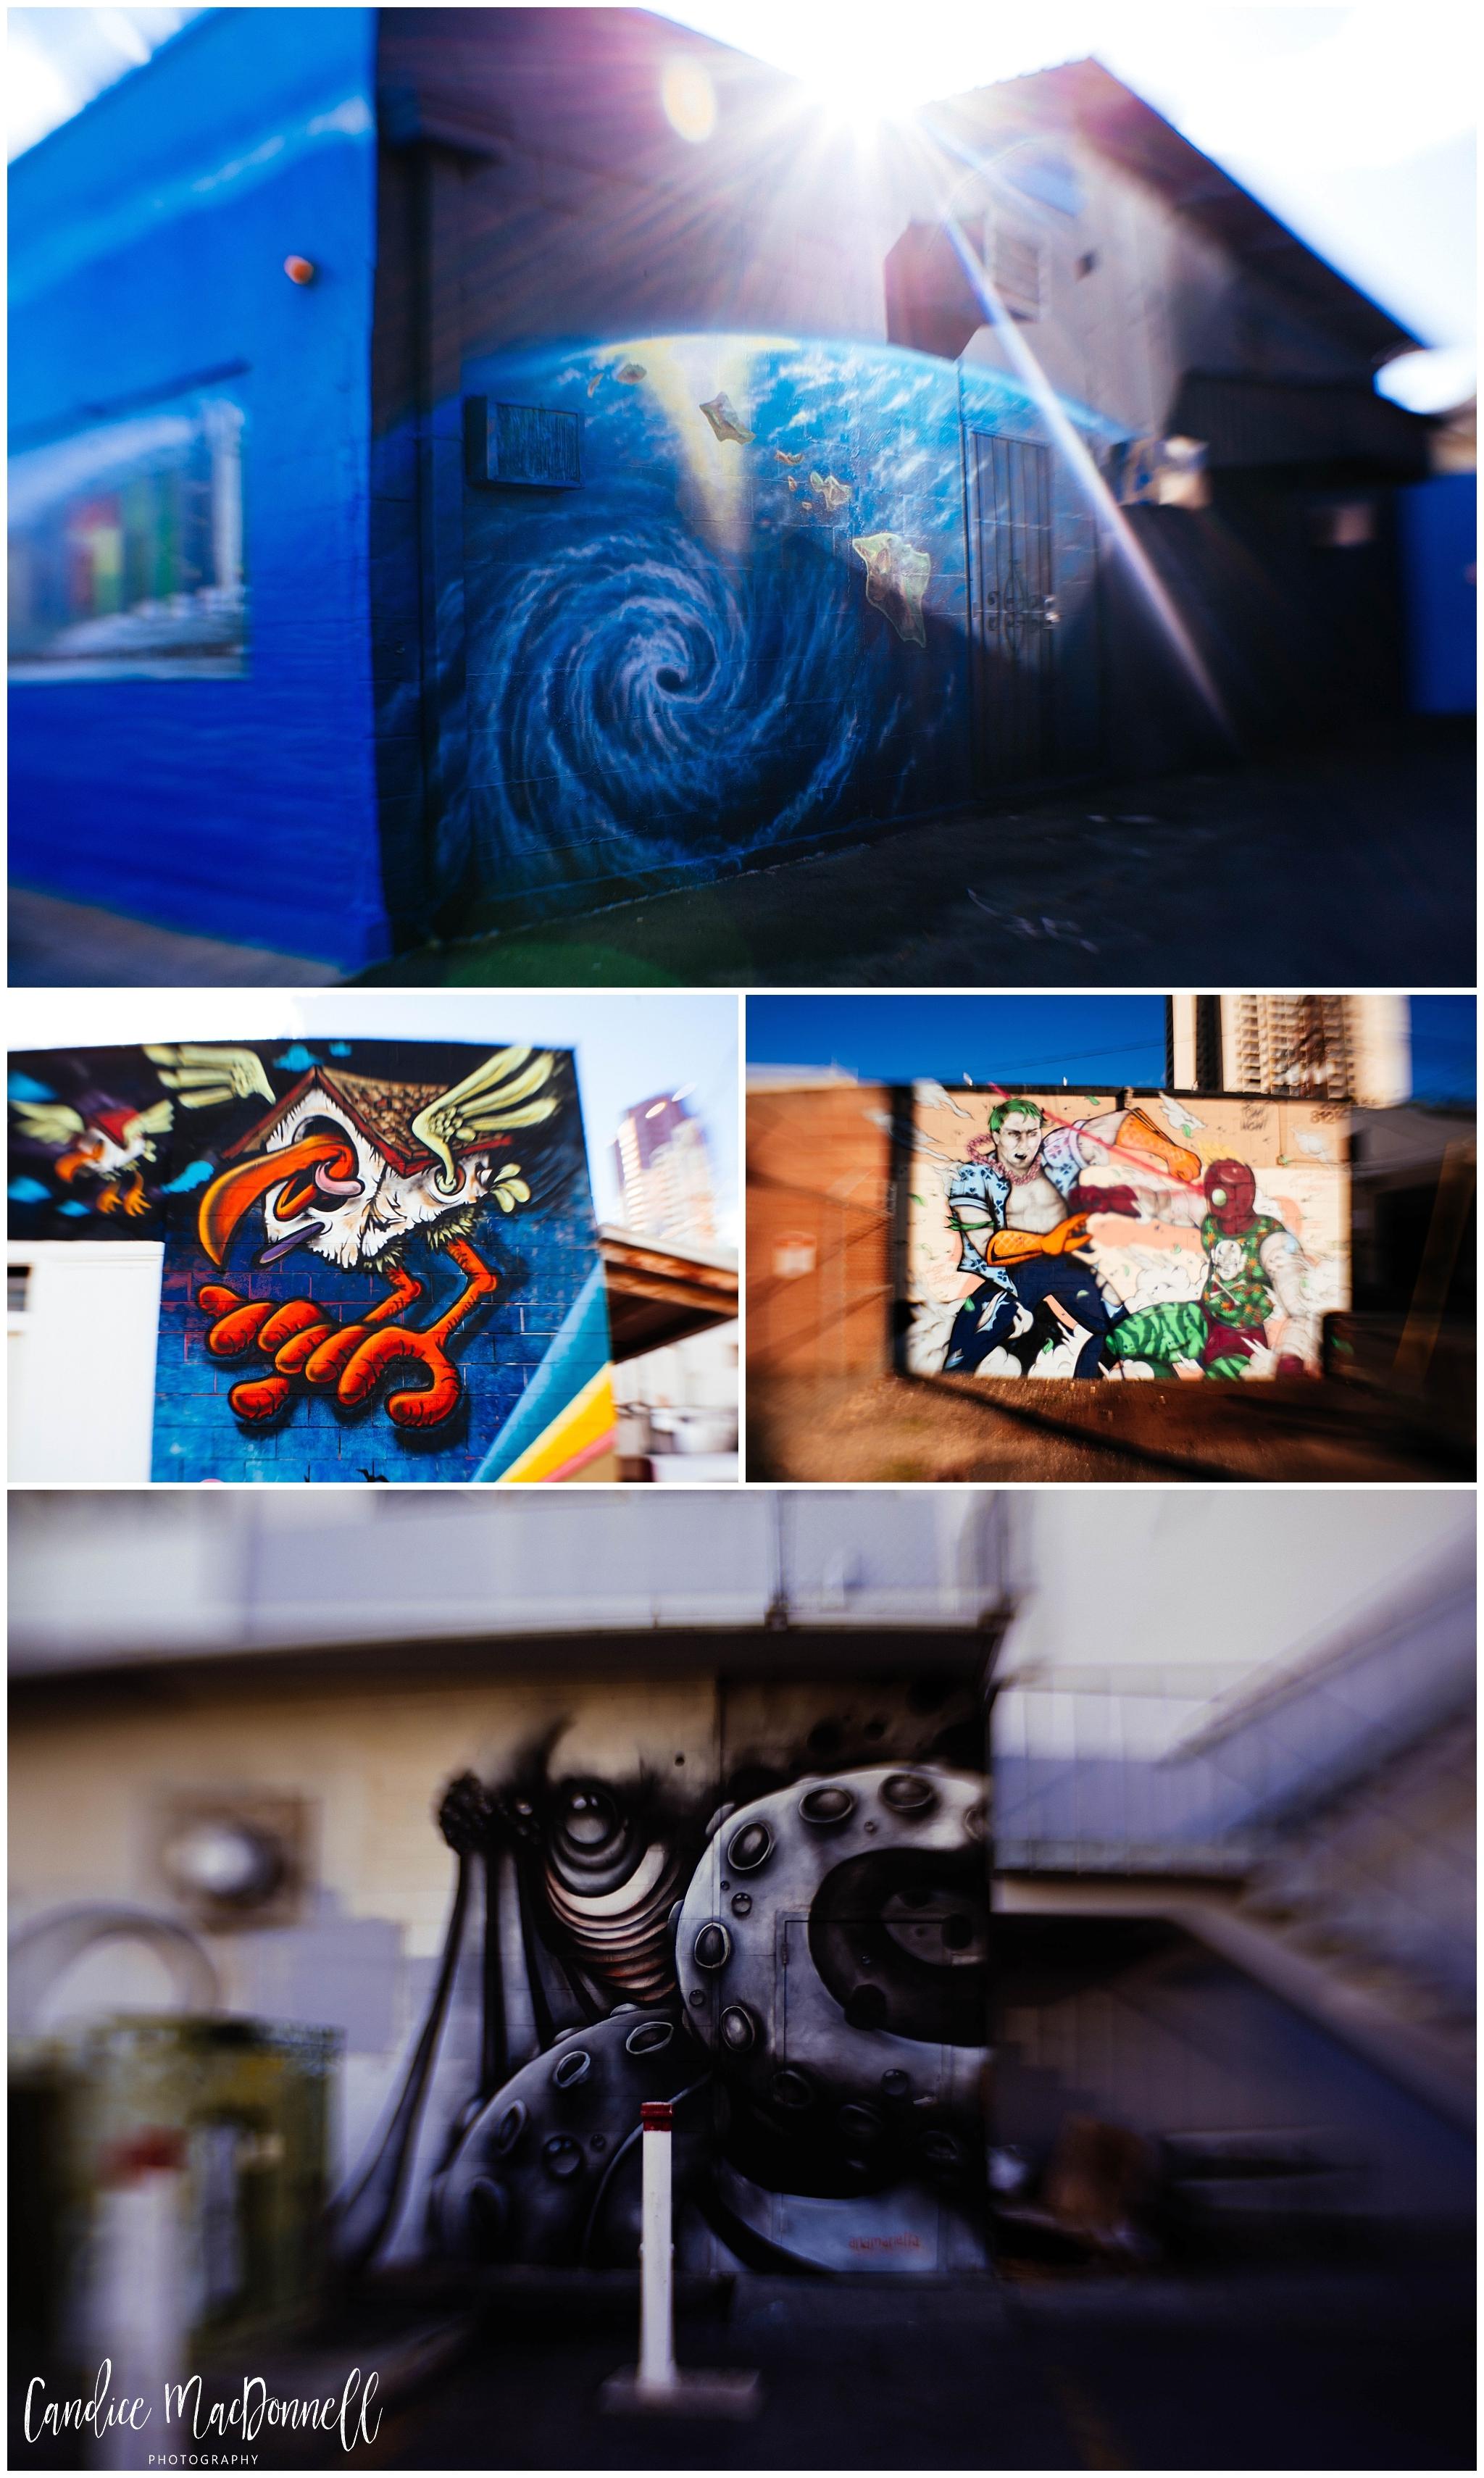 Candice MacDonnell Photography - Downtown Honolulu Graffiti